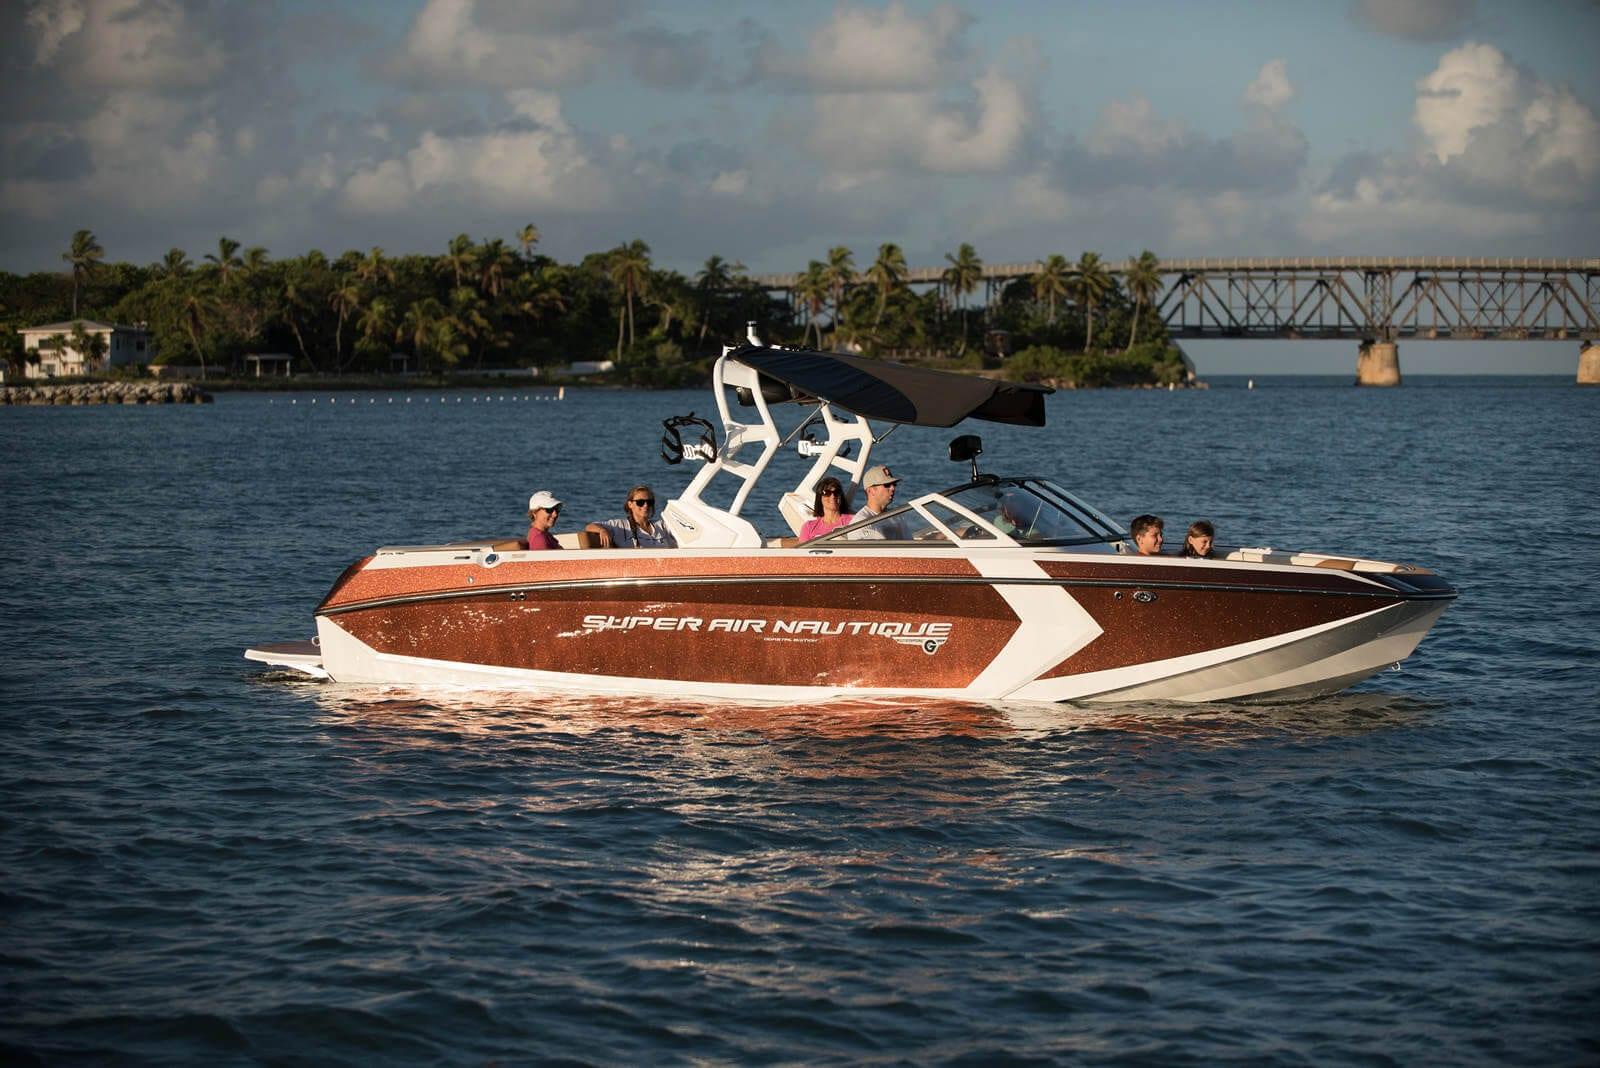 סירת ספורט וויקסרף וויקבורד NAUTIQUE G25 - סירת ספורט וויקסרף וויקבורד NAUTIQUE G25 - סטרים יאכטות